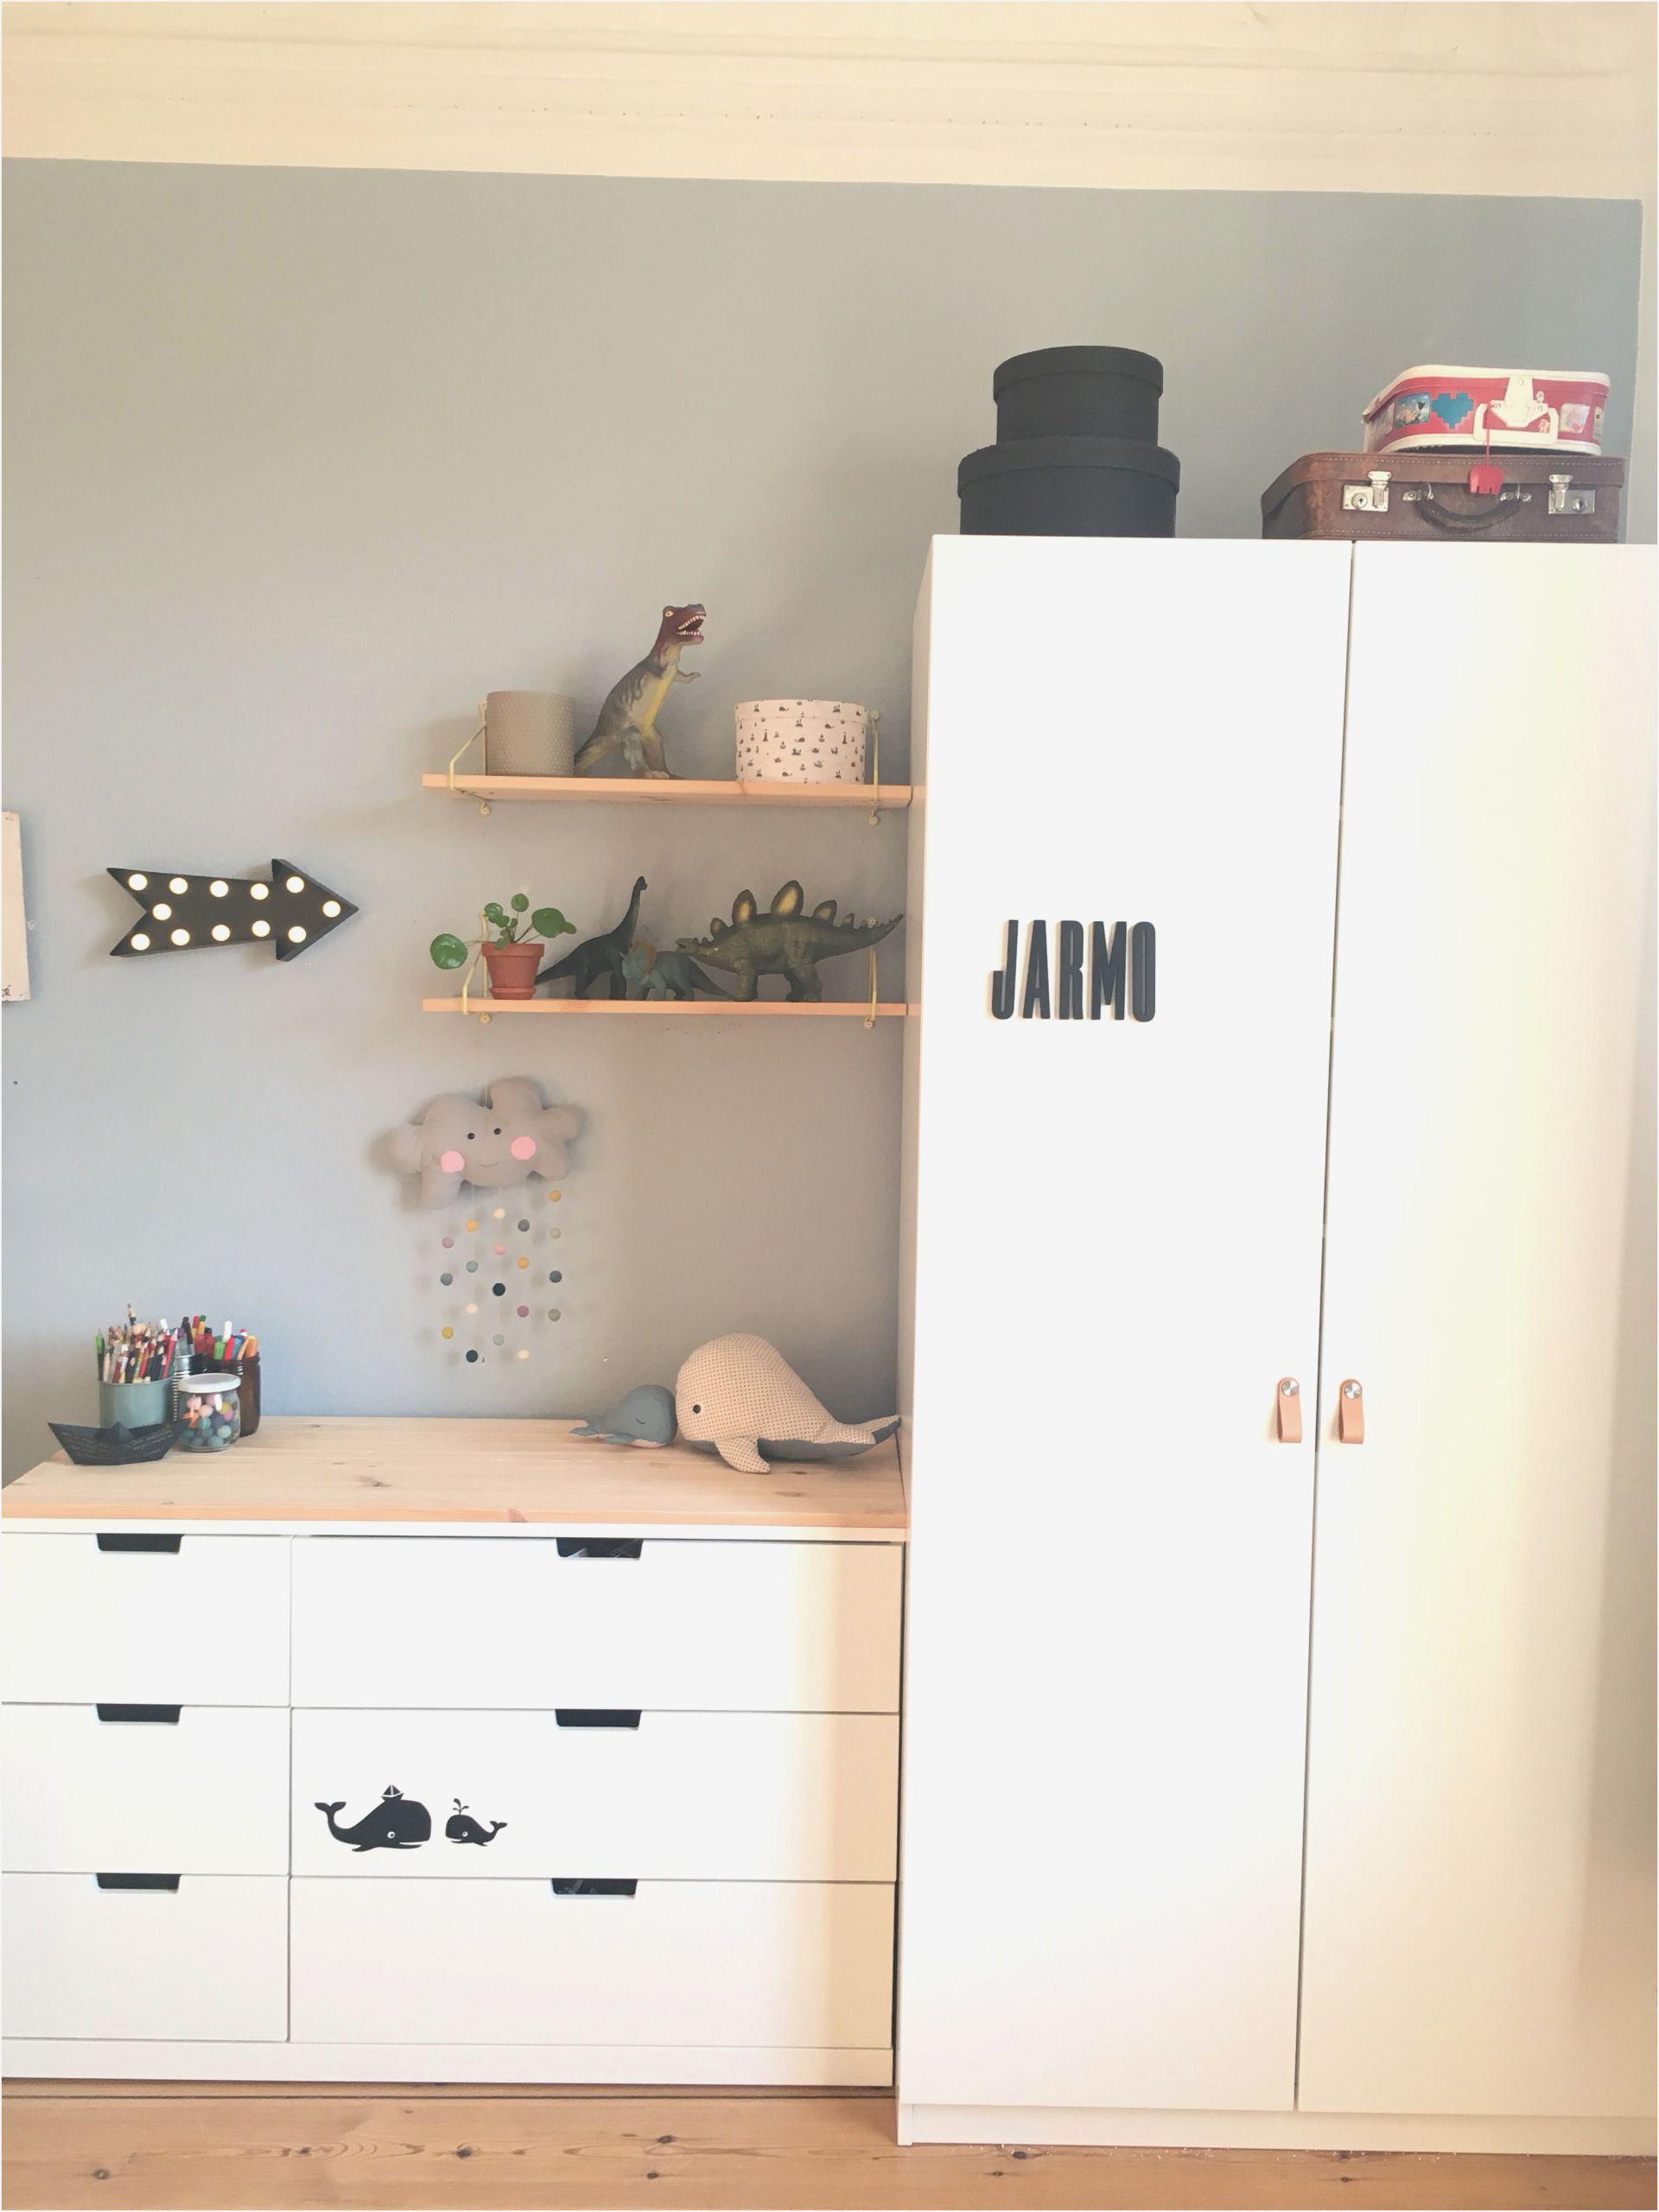 Full Size of Apothekerschrank Ikea Wandlampe Kinderzimmer Traumhaus Dekoration Küche Kosten Kaufen Modulküche Betten Bei Miniküche Sofa Mit Schlaffunktion 160x200 Wohnzimmer Apothekerschrank Ikea